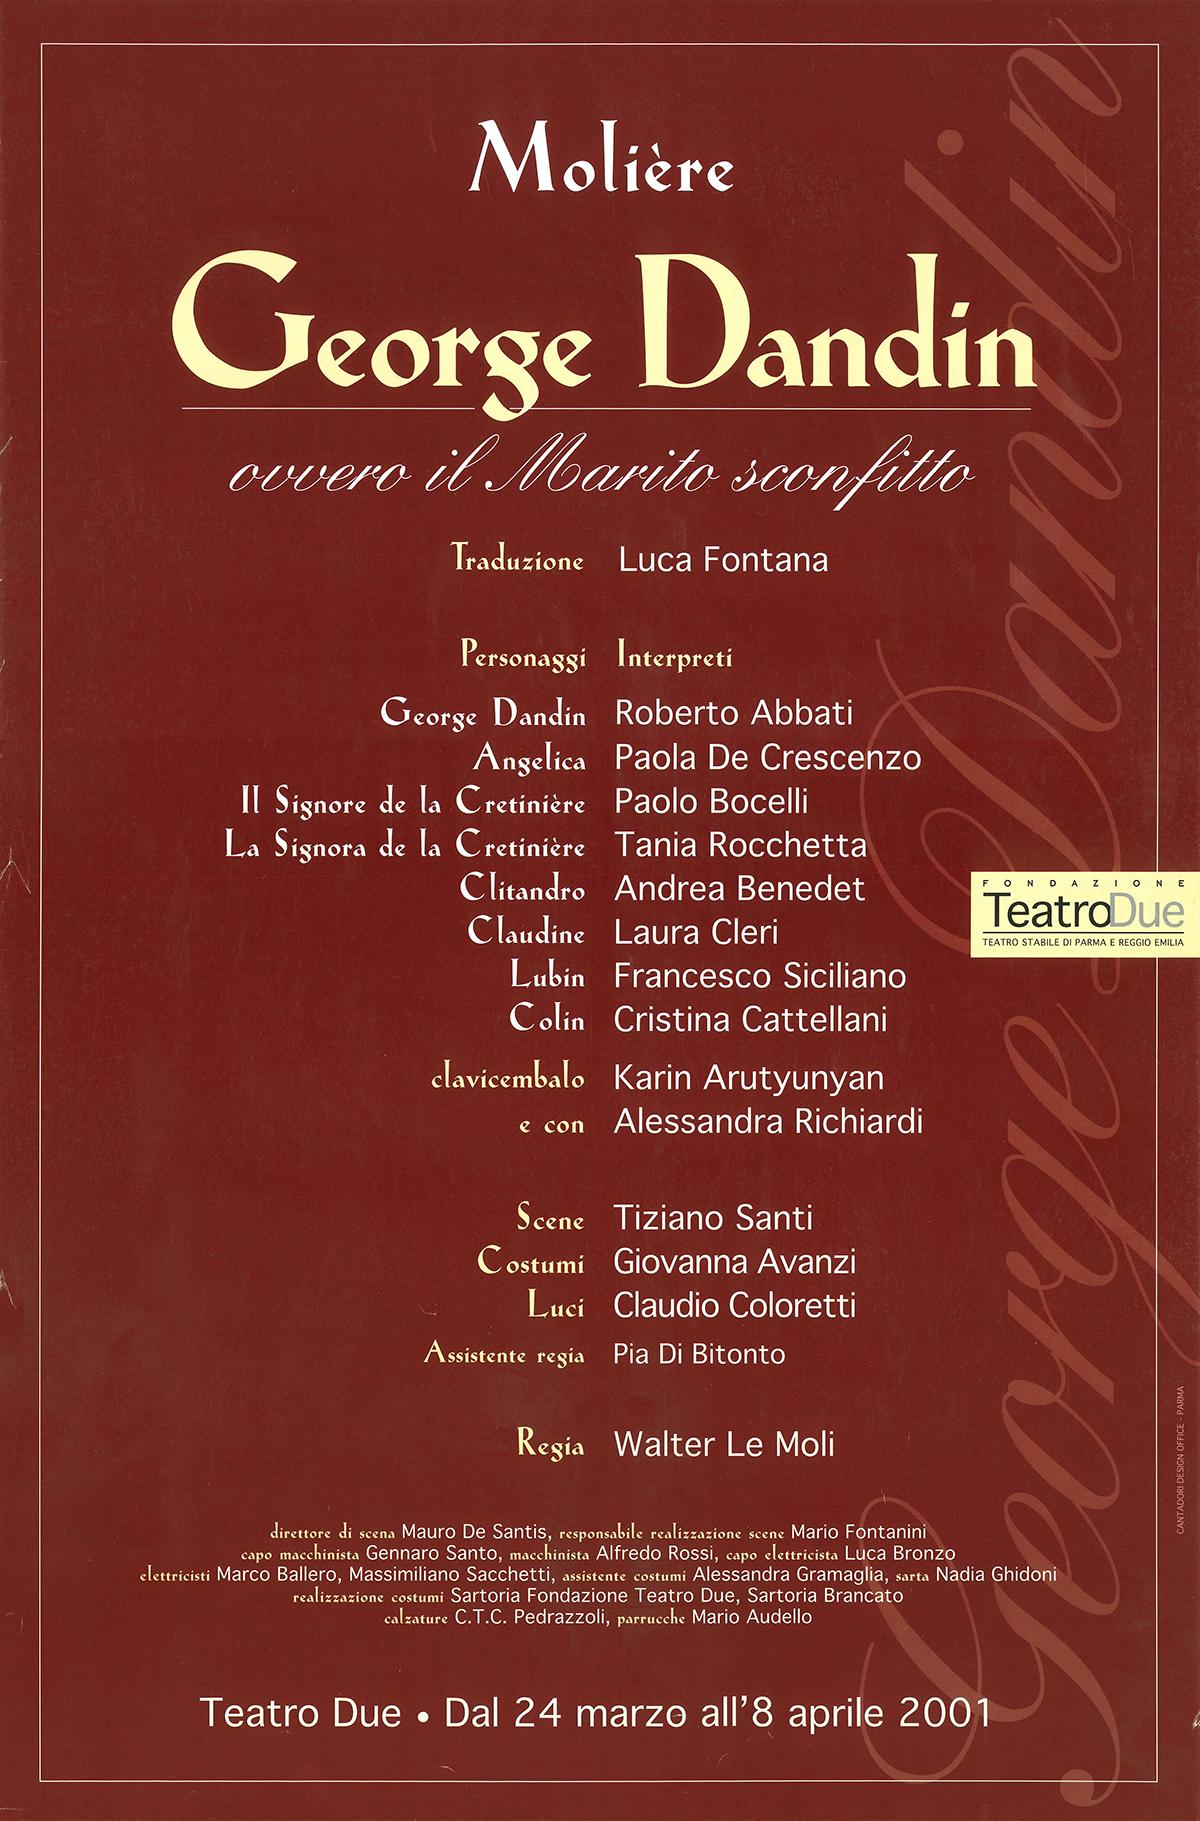 locandina george dandin le moli 2001